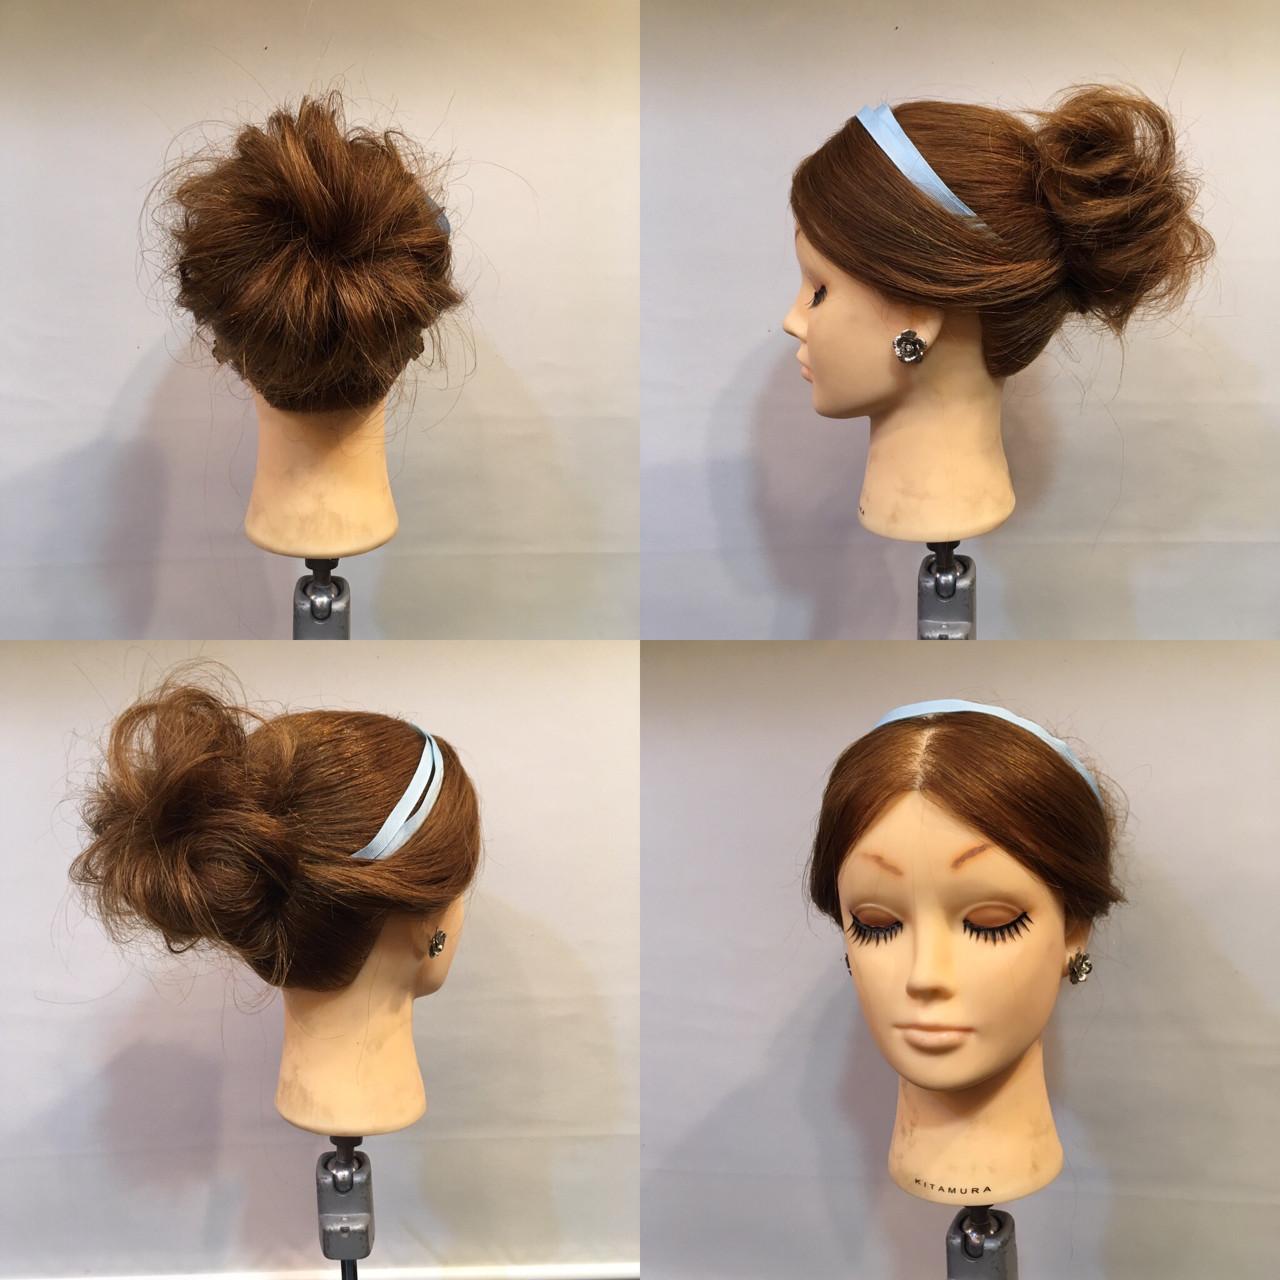 セミロング 結婚式 ヘアアレンジ ディズニー ヘアスタイルや髪型の写真・画像